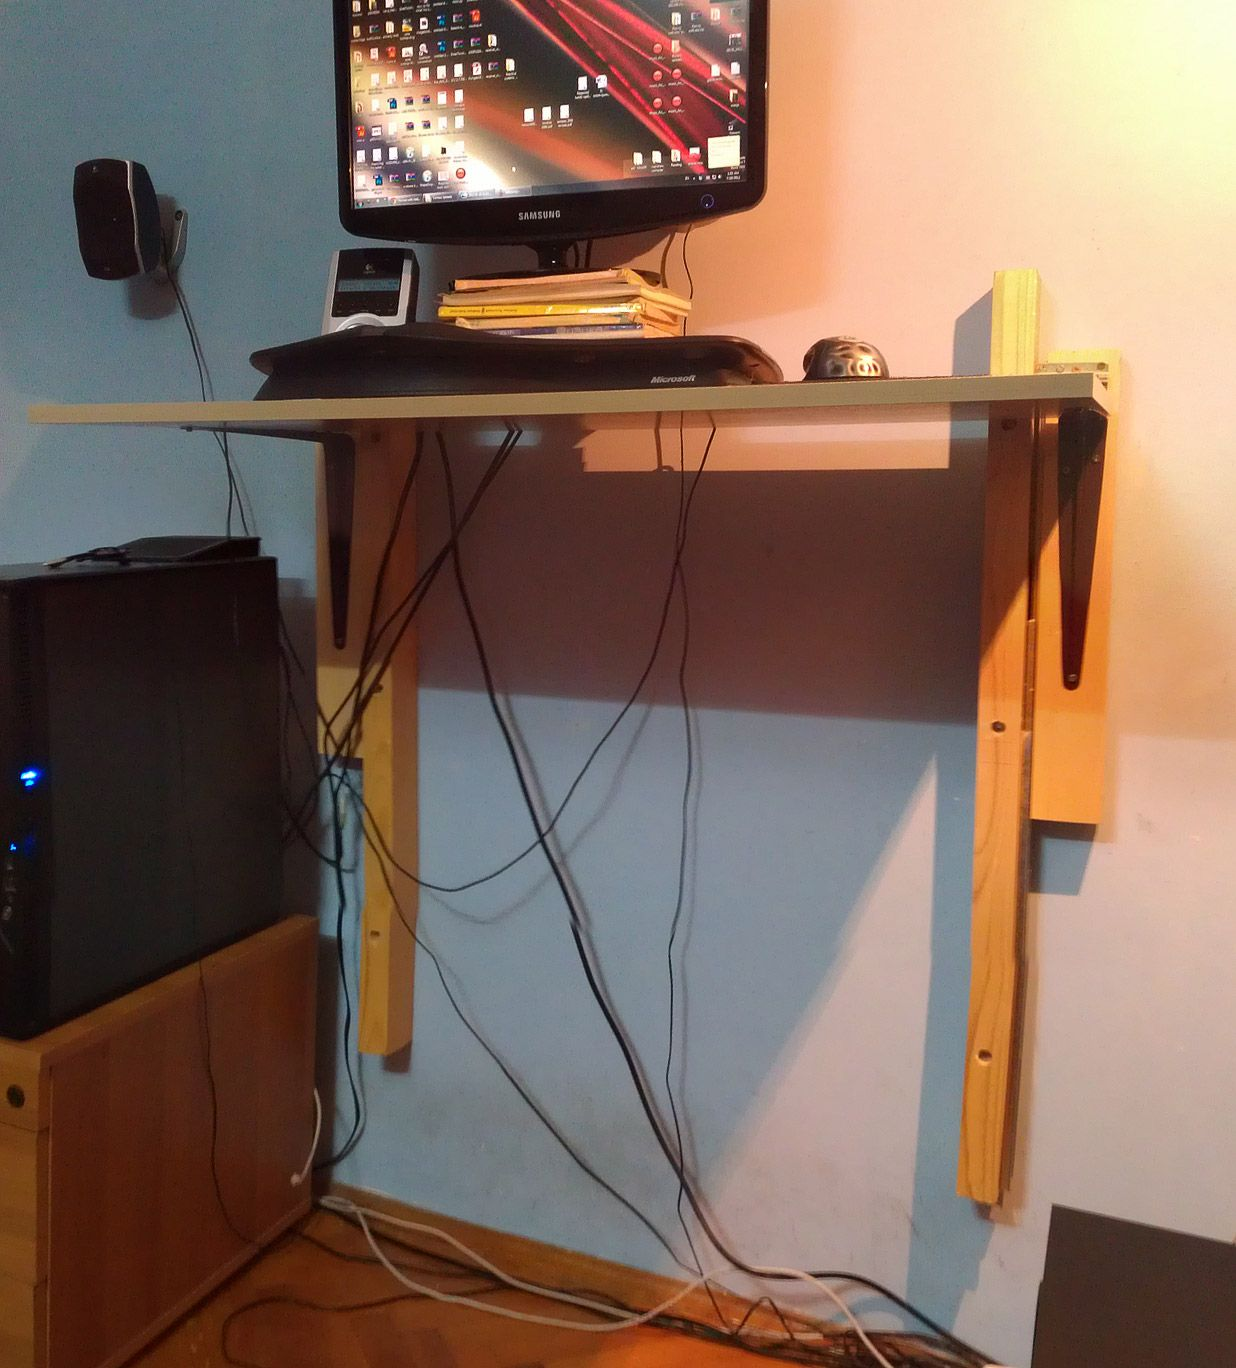 Cheap DIY adjustable standing desk in 2020 Diy standing